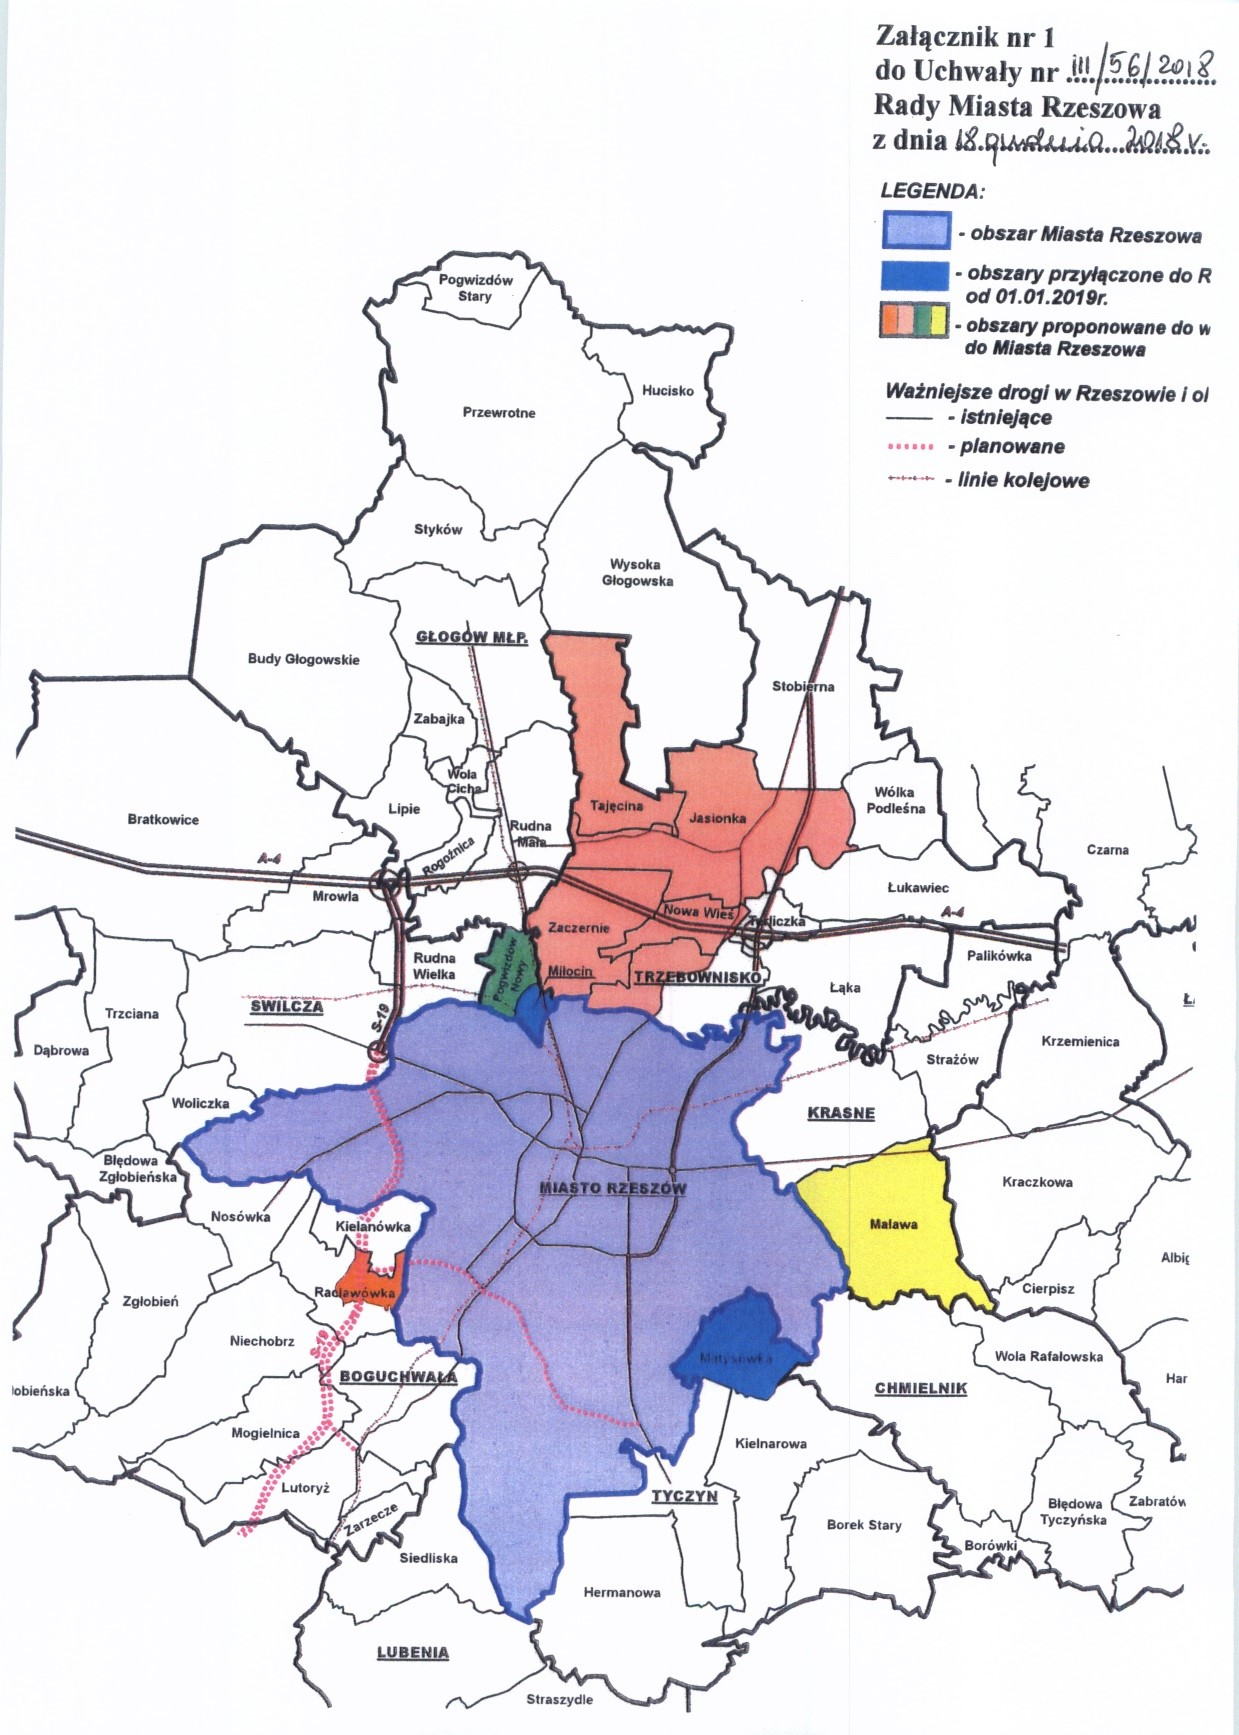 Proponowane obszary przyłączenia do miasta Rzeszowa (źródło: Uchwała nr III/562018 Rady Miasta Rzeszowa z dnia 18 grudnia 2018 r.)